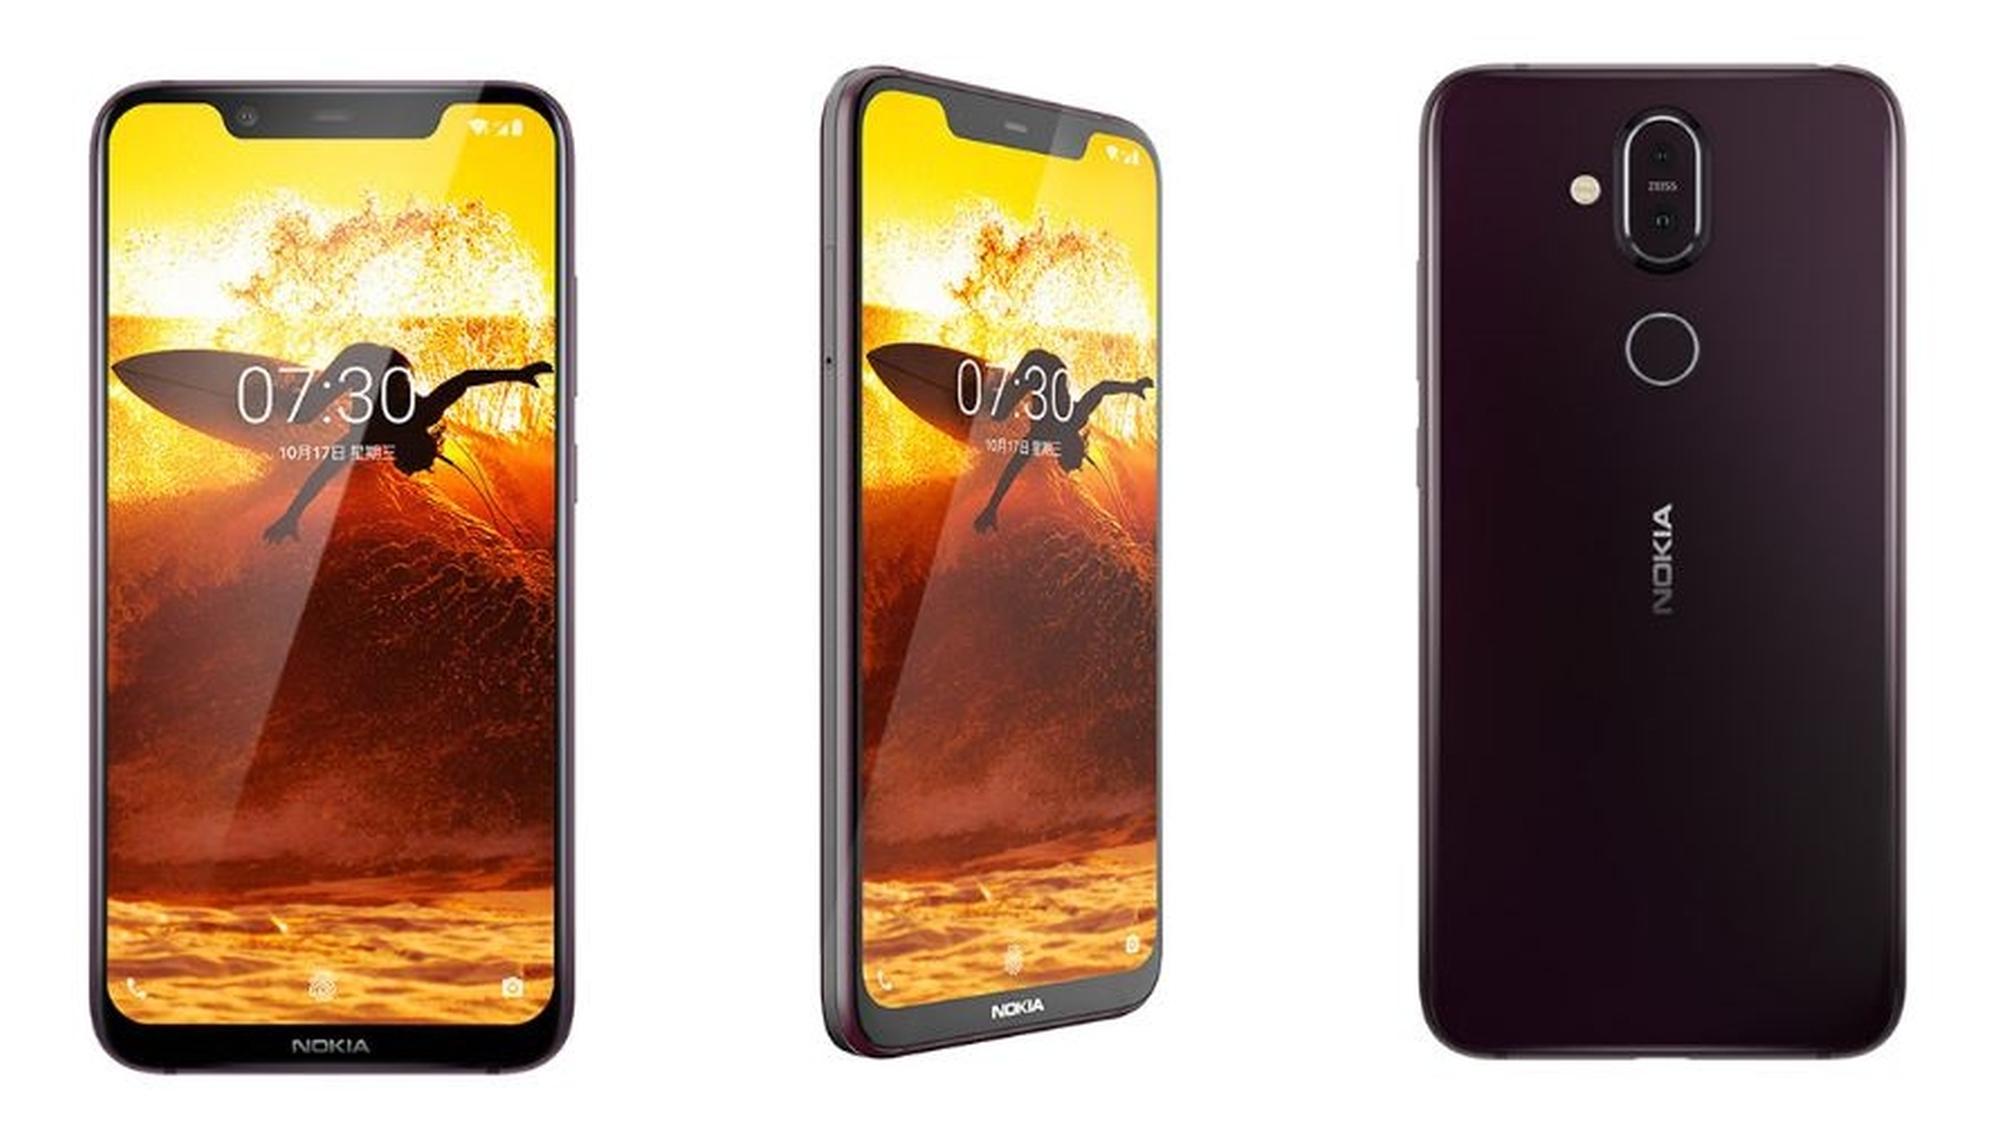 هذه هي أفضل هواتف أقوى معالجات الفئة المتوسطة كوالكوم سنابدراجون 710